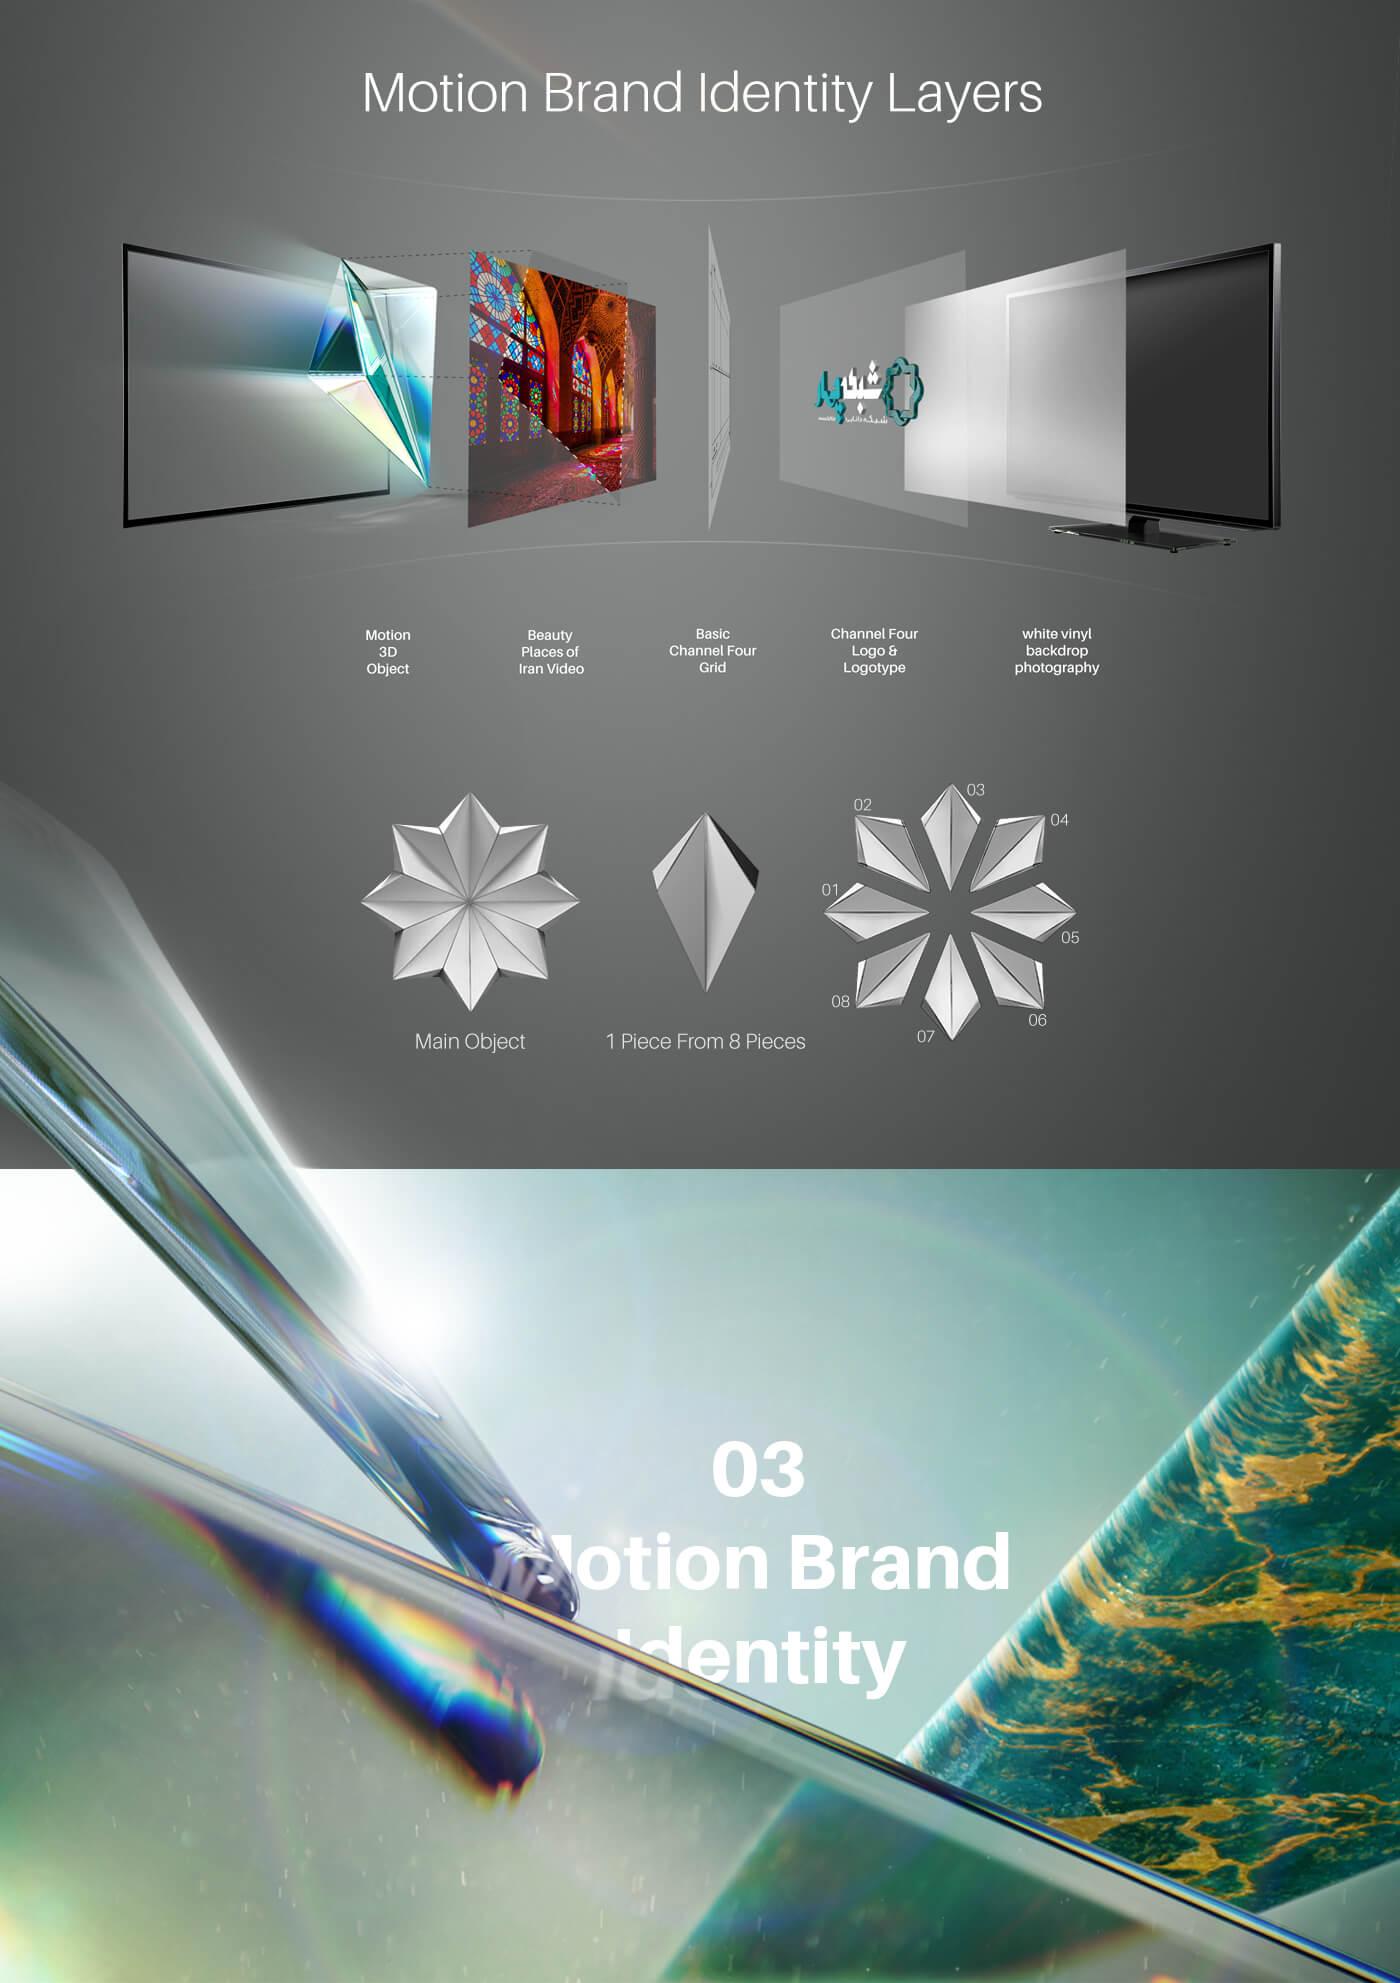 هویت بصری دو بعدی و سه بعدی شبکه چهار سیما 4 سری 3، دو بعدی و سه بعدی شبکه چهار سیما، هویت بصری، طراحی هویت بصری، شرکت تبلیغاتی الف، طراحی لوگو، طراحی لوگوتابپ، طراحی ست اداری، طراحی اوراق اداری